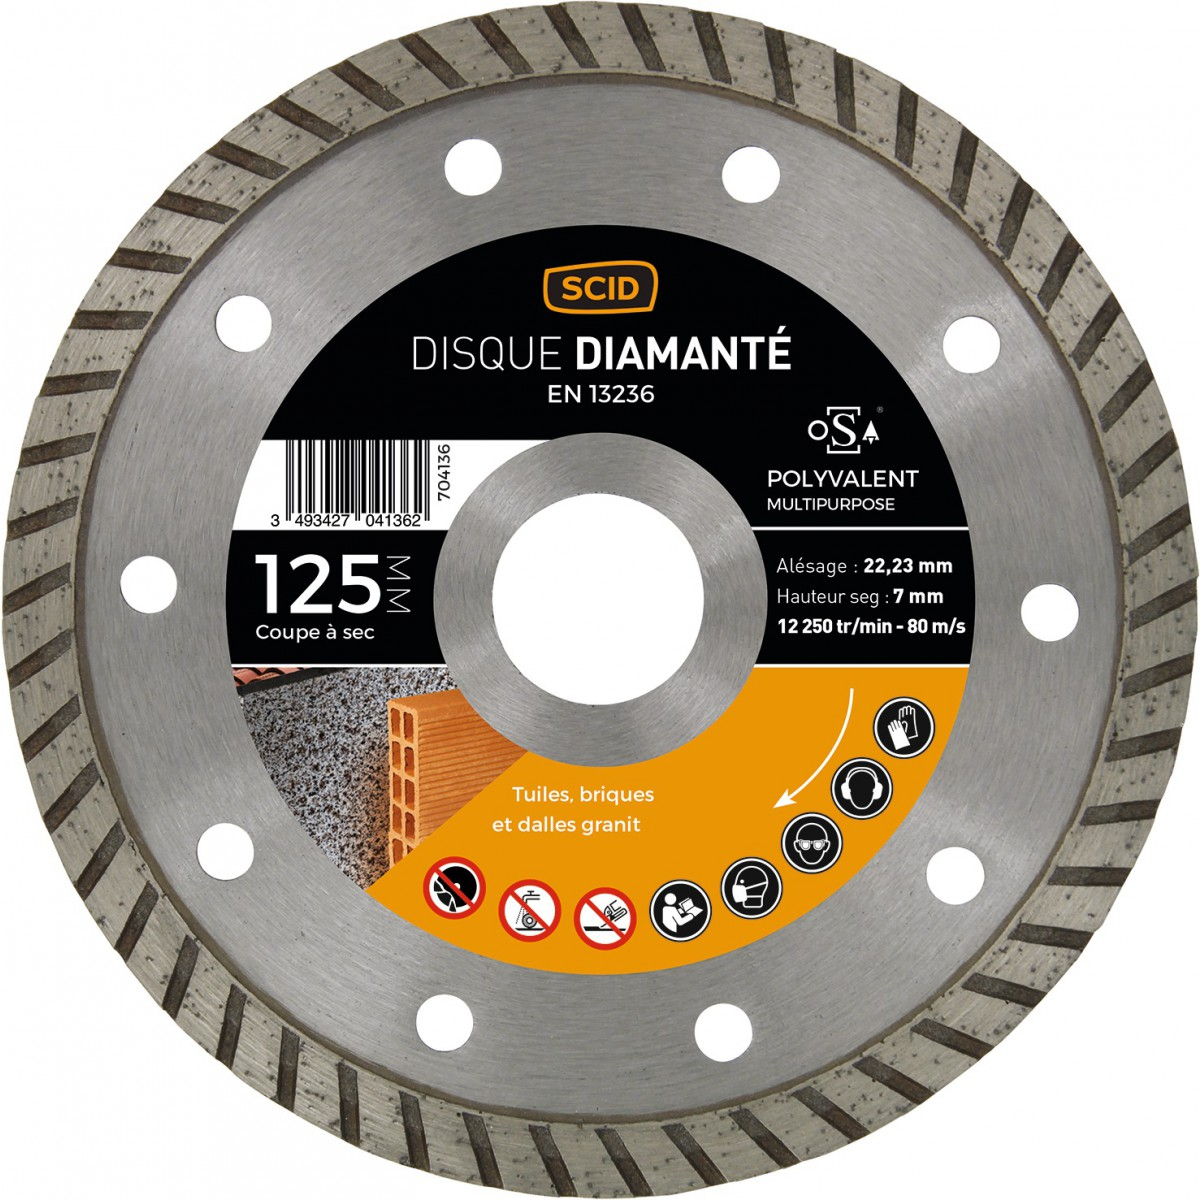 Disque diamanté polyvalent crénelé SCID - Diamètre 125 mm